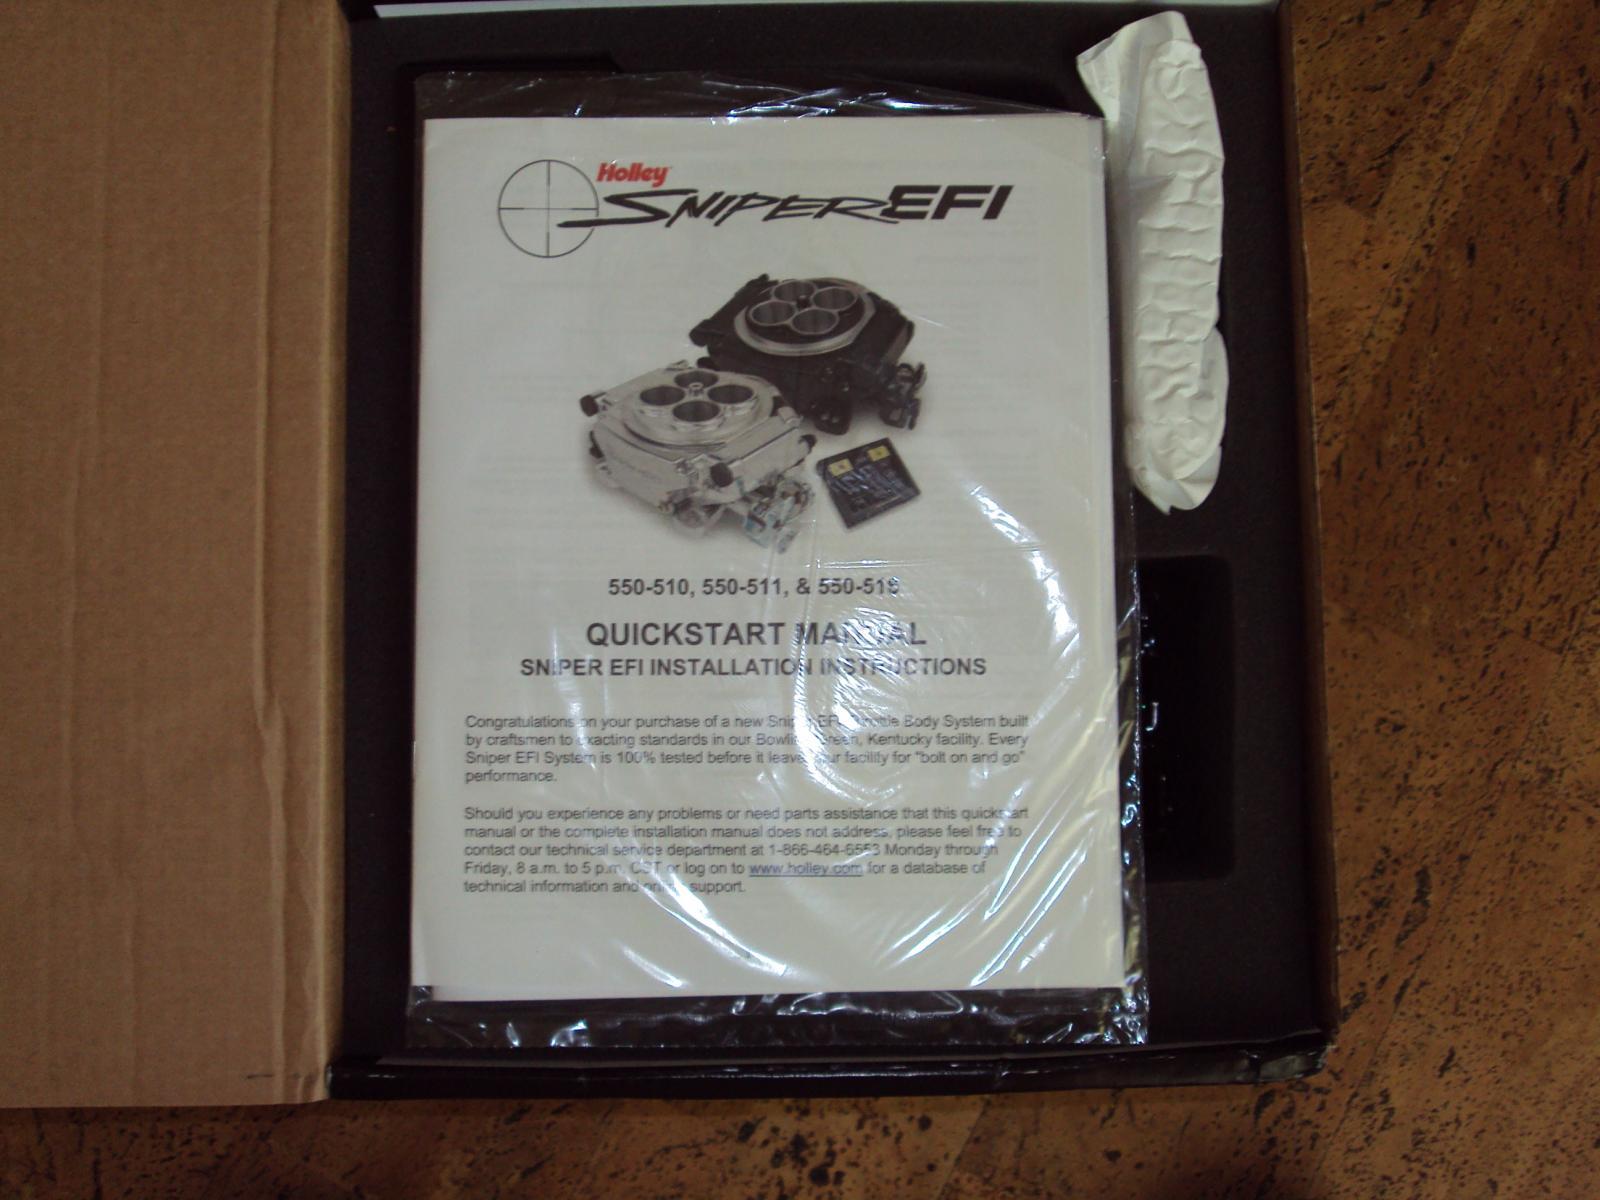 Holley Sniper EFI System